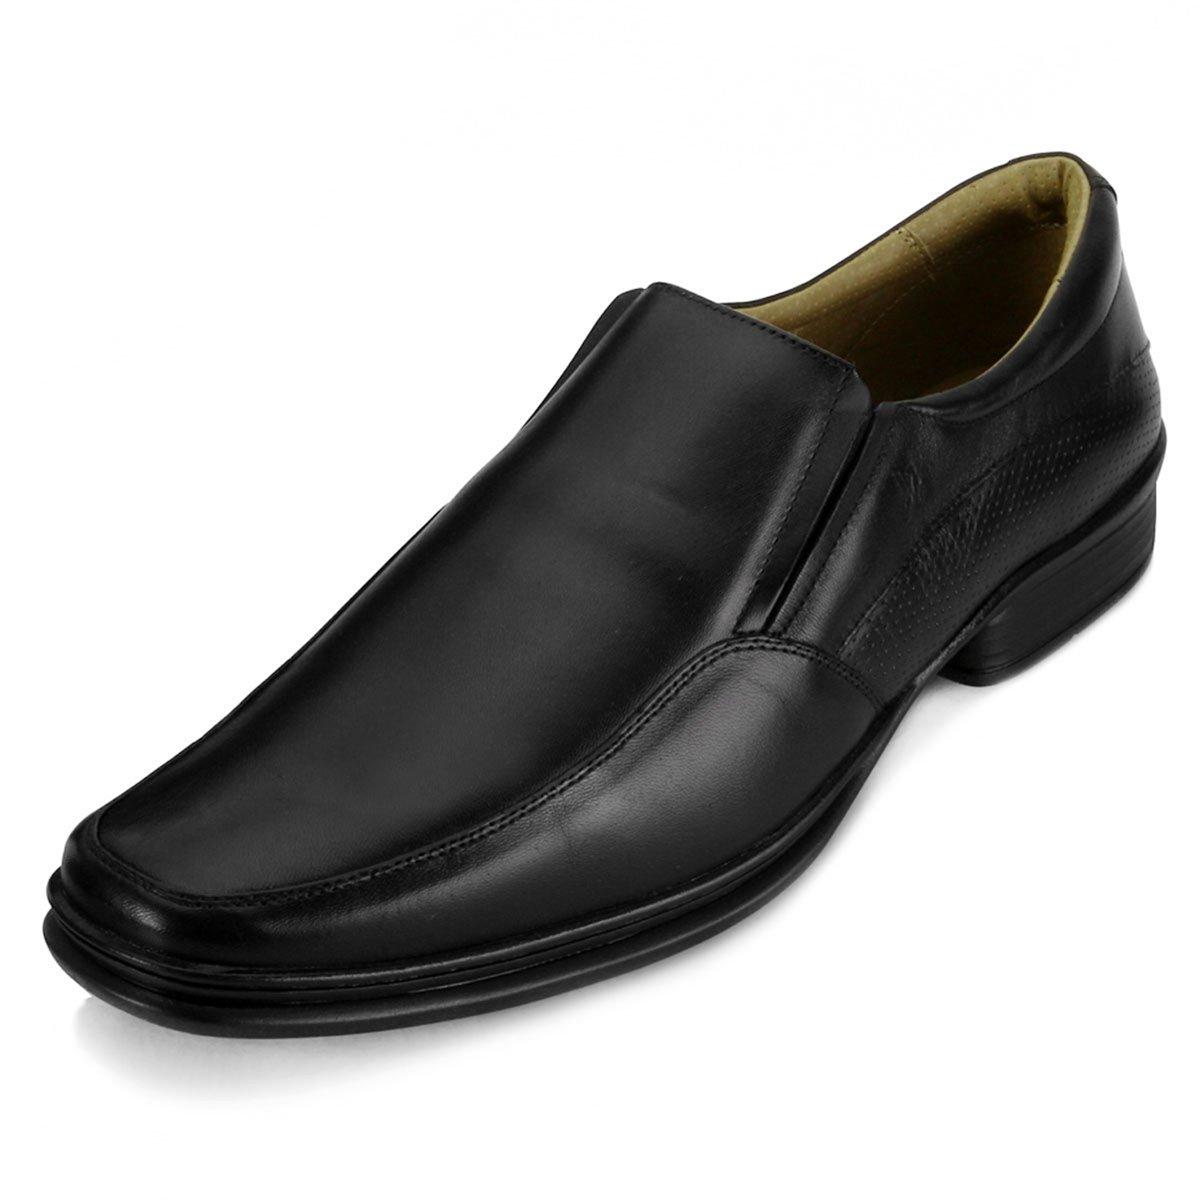 a1c248e4b Sapato Social Masculino Rafarillo Conforto Couro Preto - Compre Agora